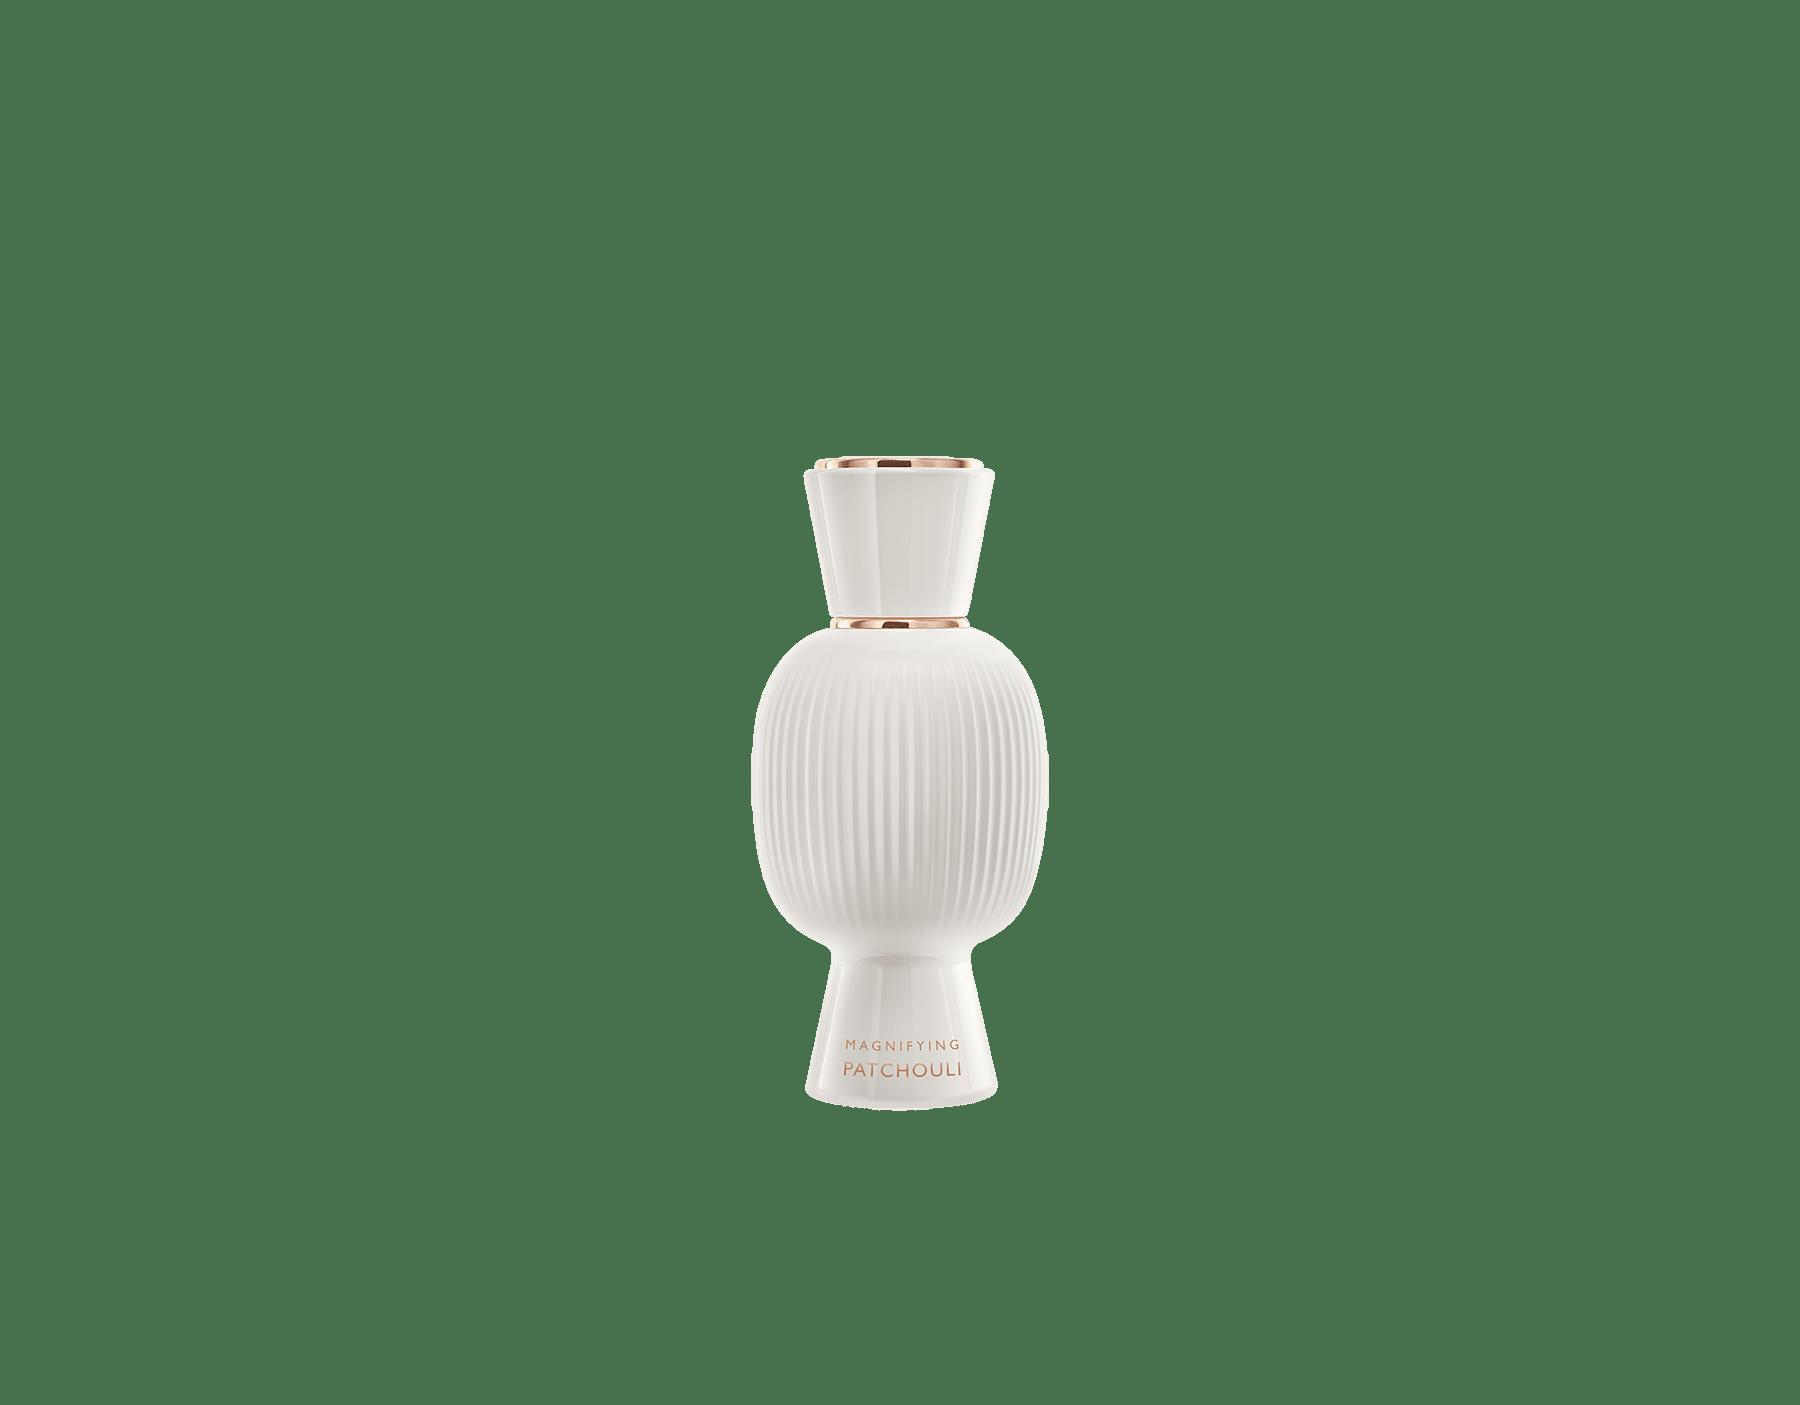 L'audacieuse Magnifying Patchouli ajoute une séduisante touche boisée à votre Eau de Parfum. #MagnifyForMore Passion 41281 image 6